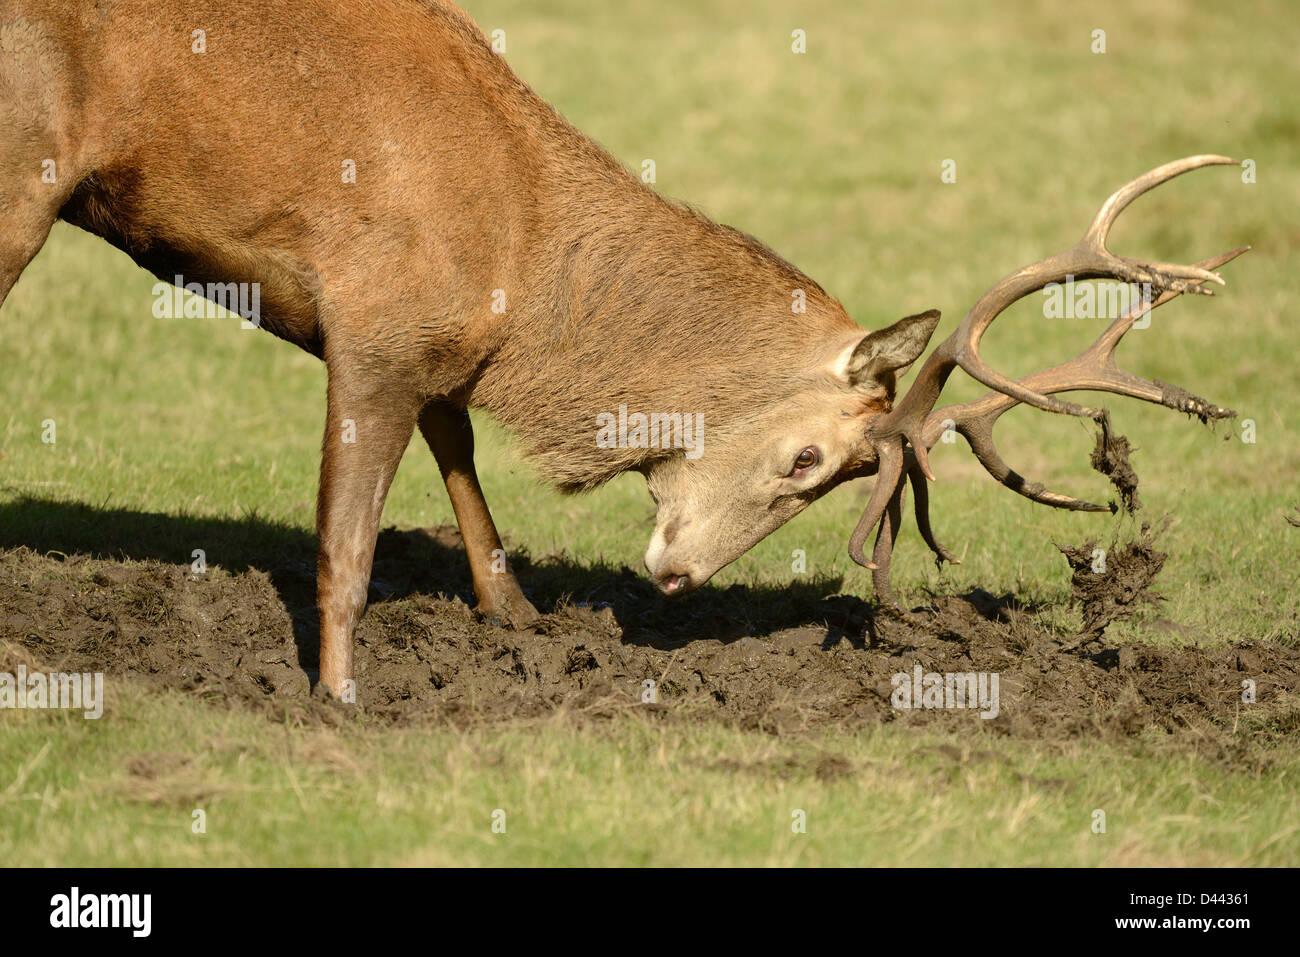 Ciervo rojo (Cervus elaphus) cubriendo el ciervo Cornamenta en barro durante la rutina, Richmond Park, Octubre Imagen De Stock